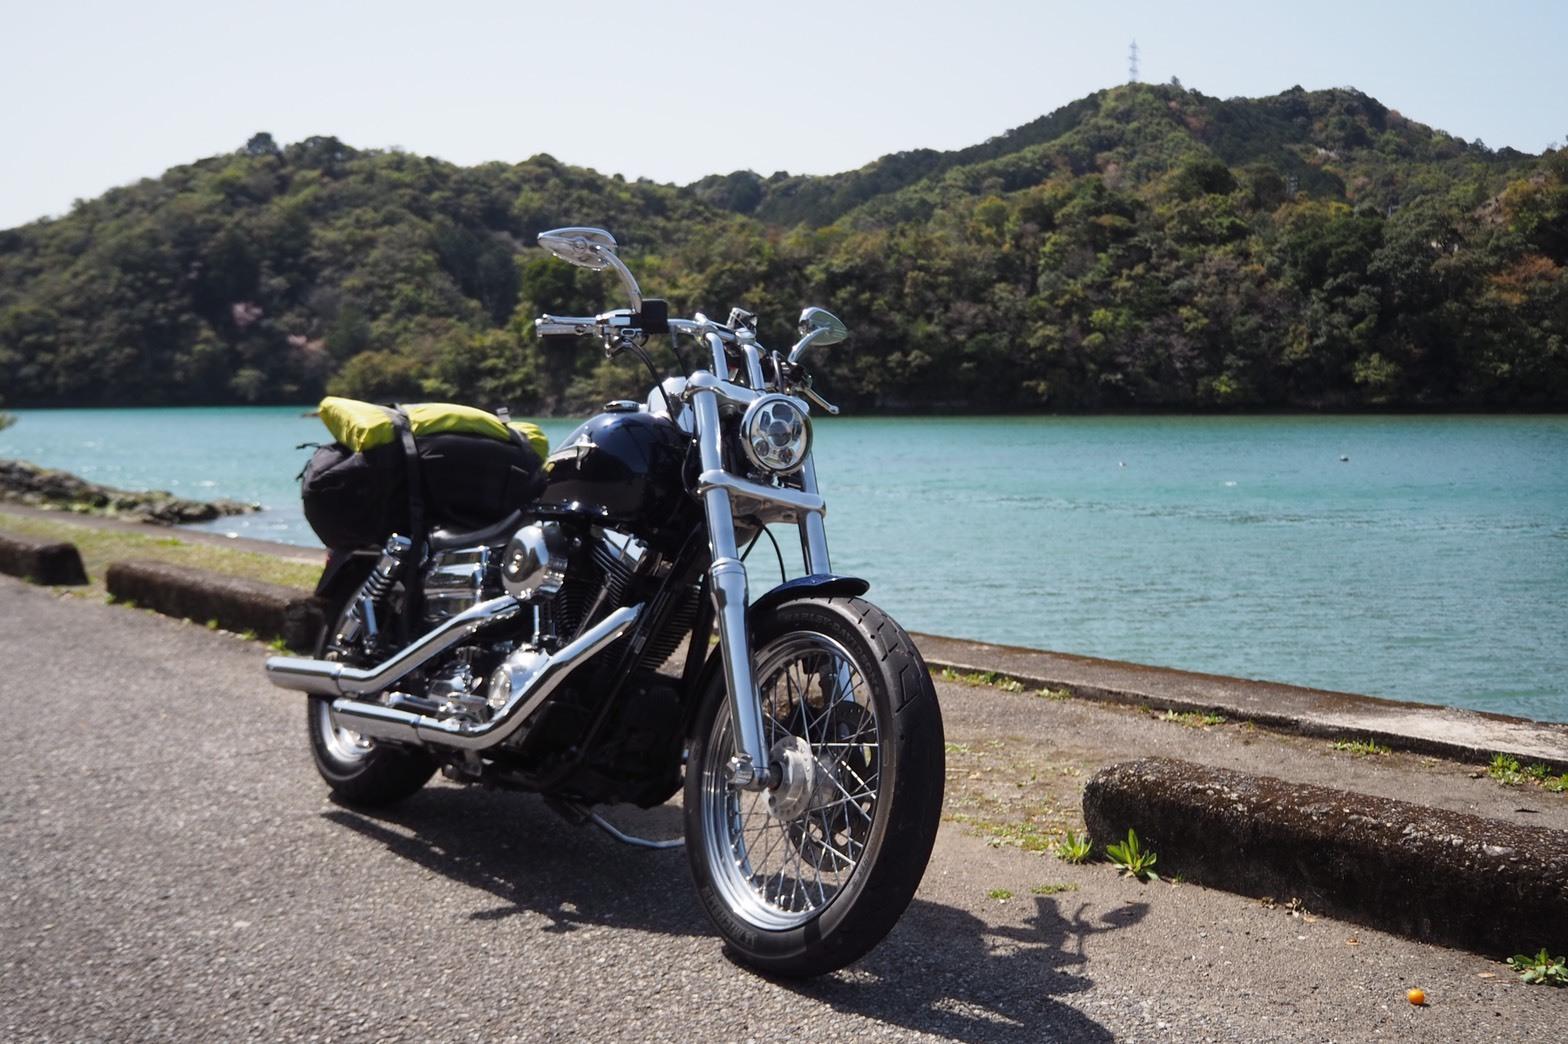 ぴーきち&ダイナ 紀伊半島ツーリング 和歌山県 入り江